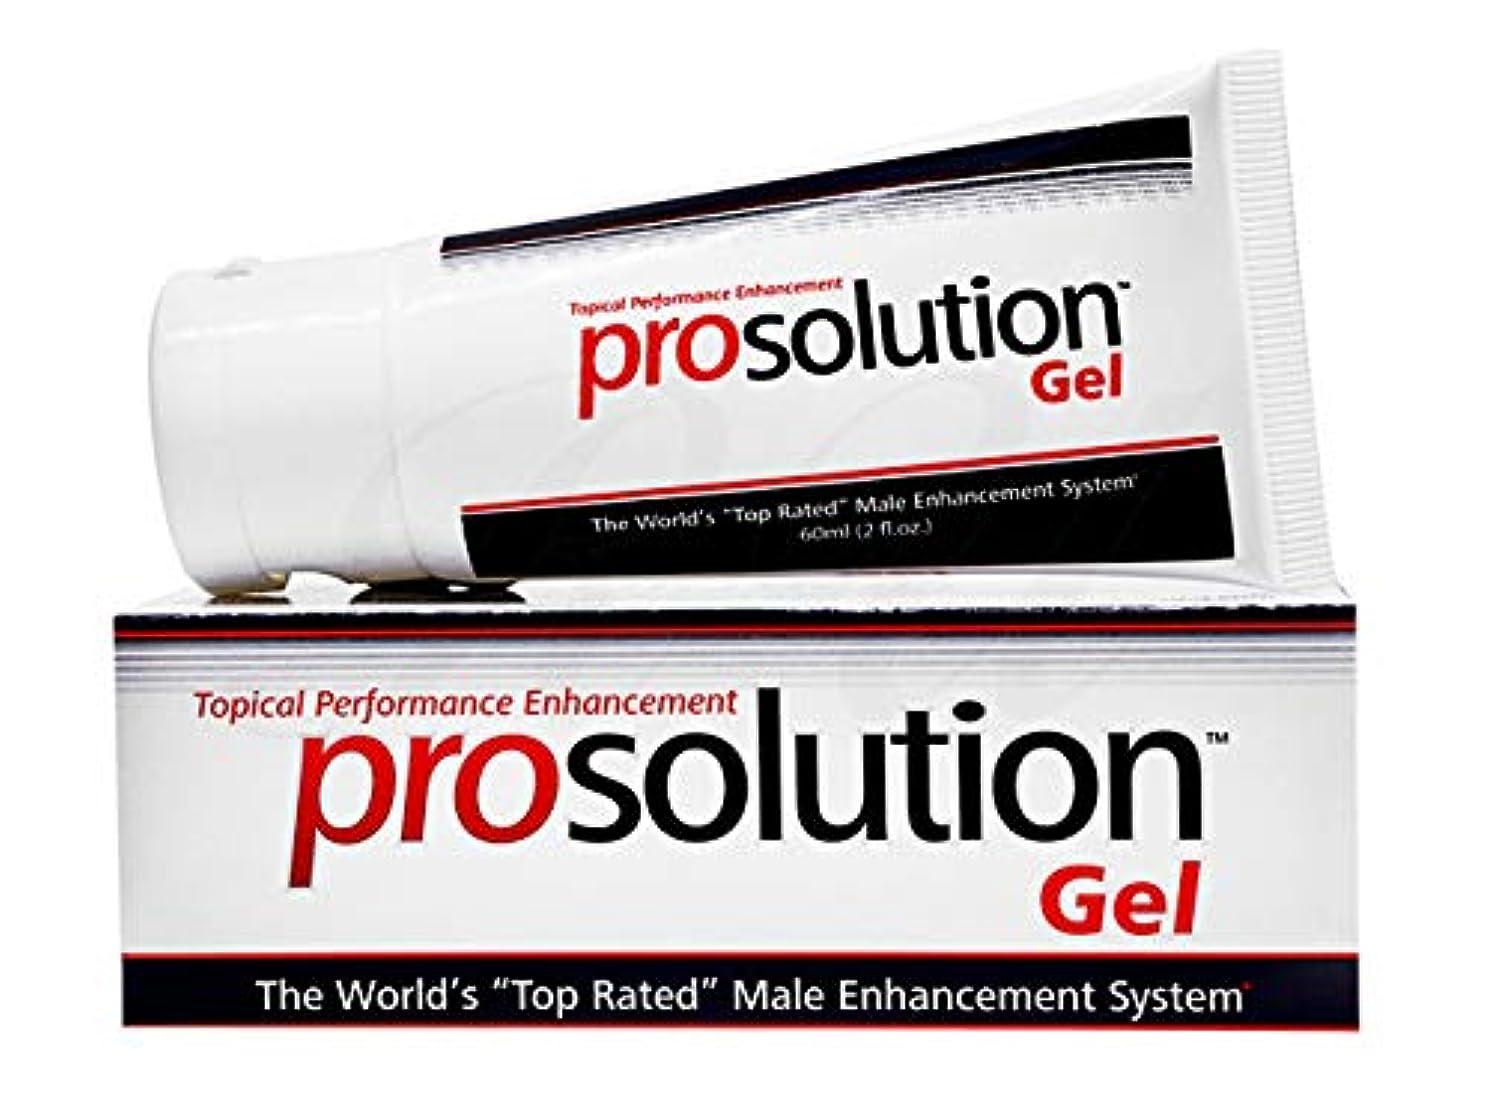 【海外直送】プロソリューションジェル (ProSolution Gel) 60ml×1本